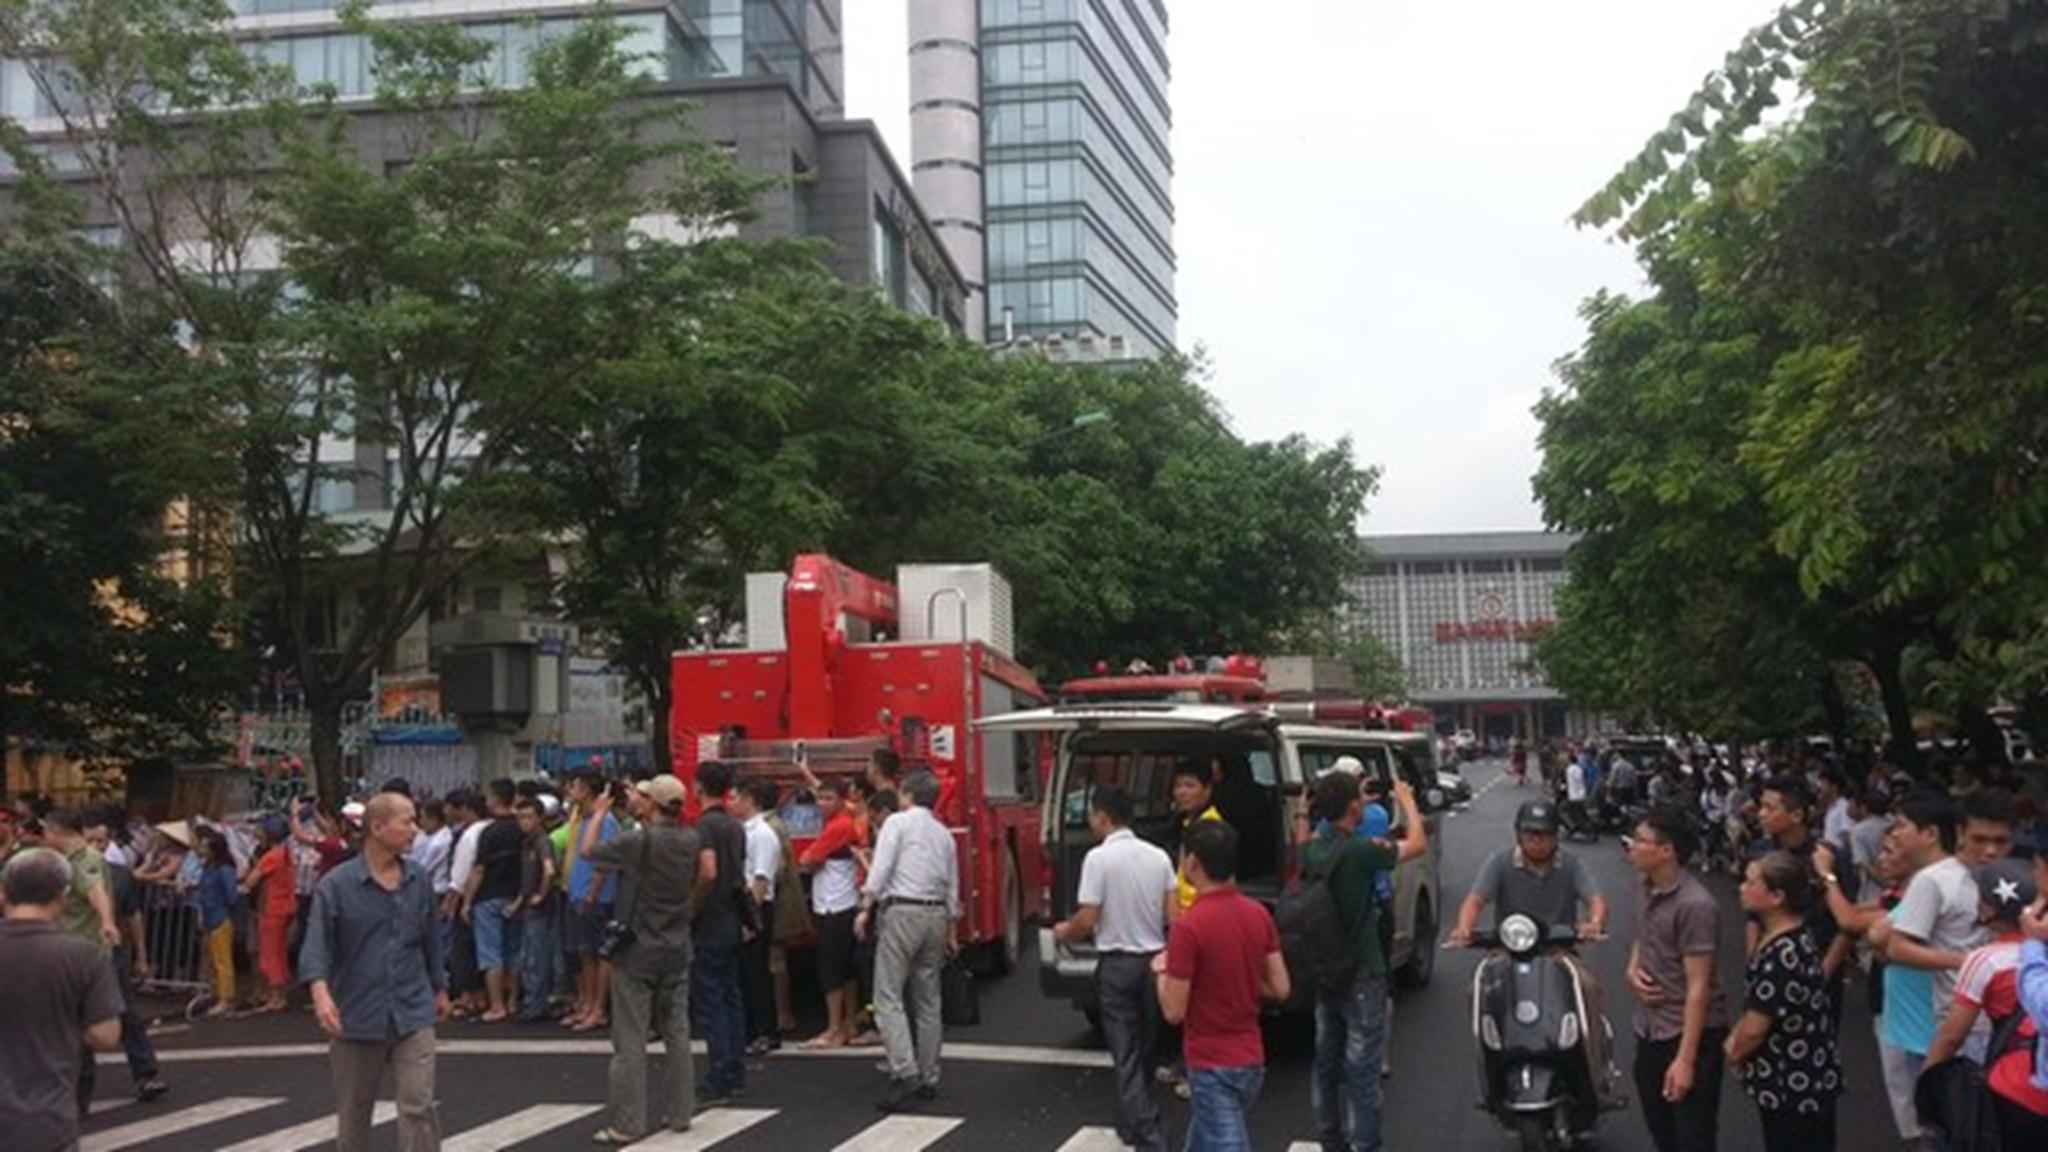 13h20, tòa nhà bị đổ sập hoàn toàn, chưa rõ thương vong. 6 xe cứu hỏa cùng một số xe cứu thương đã được điều đến khu vực tòa nhà bị sập.